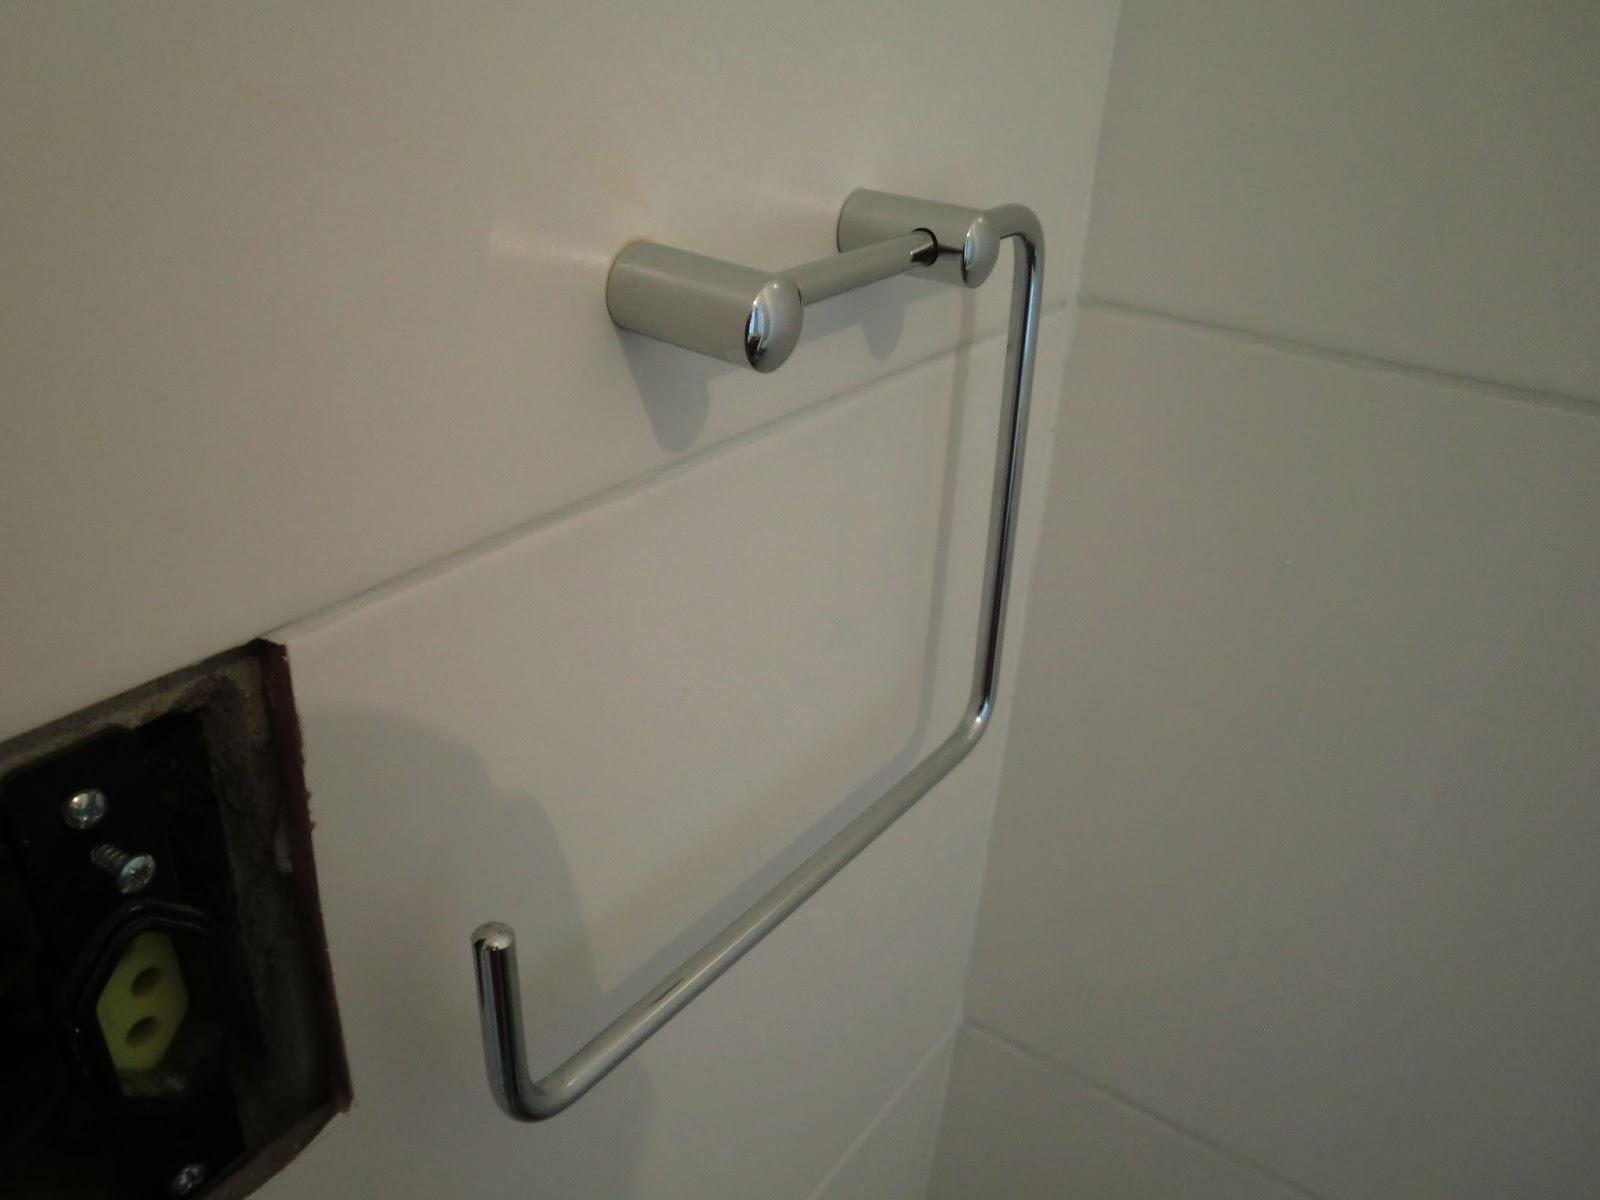 Casa e Reforma Noticias da Reforma do Apartamento  Bannheiro Pequeno Reform -> Banheiro Reformado Com Pastilha